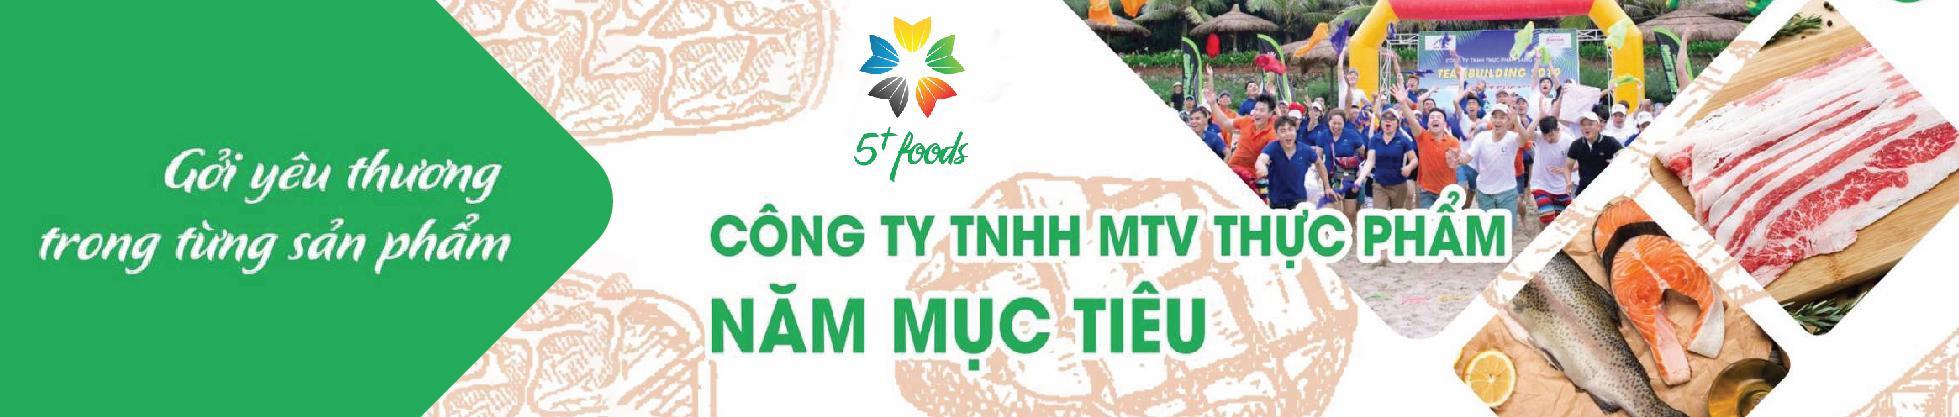 Công ty TNHH MTV Thực Phẩm Năm Mục Tiêu